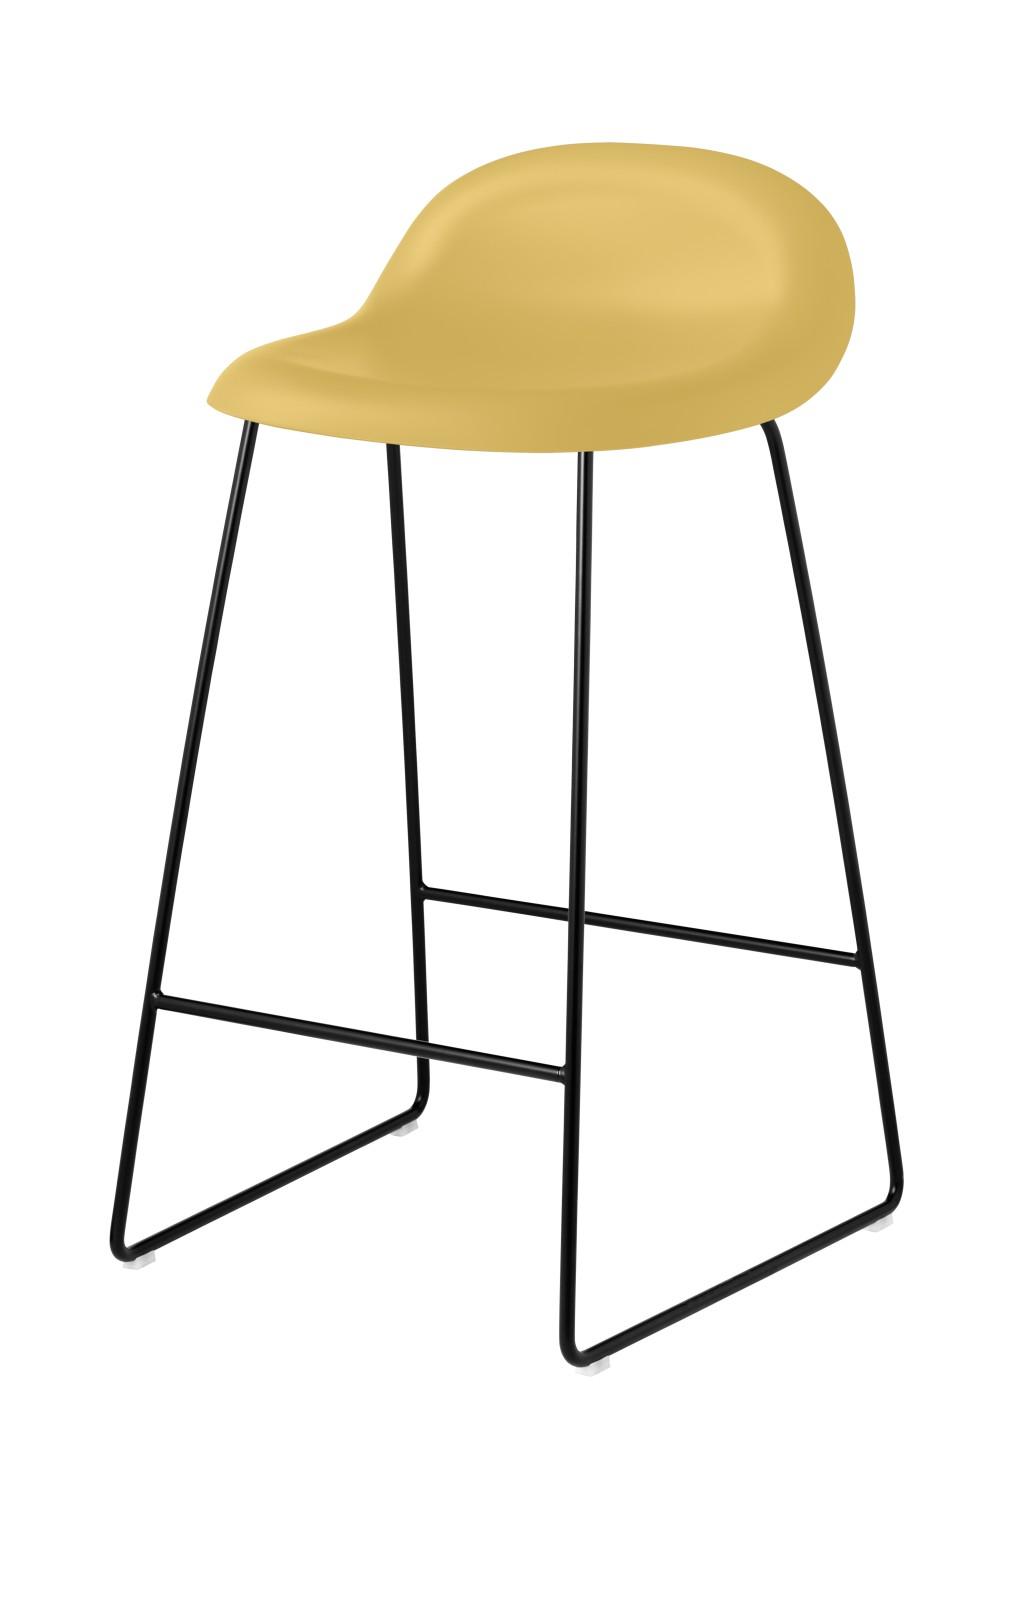 Gubi 3D Sledge Base Counter Stool - Unupholstered Gubi HiRek Venetian Gold, Gubi Metal Chrome